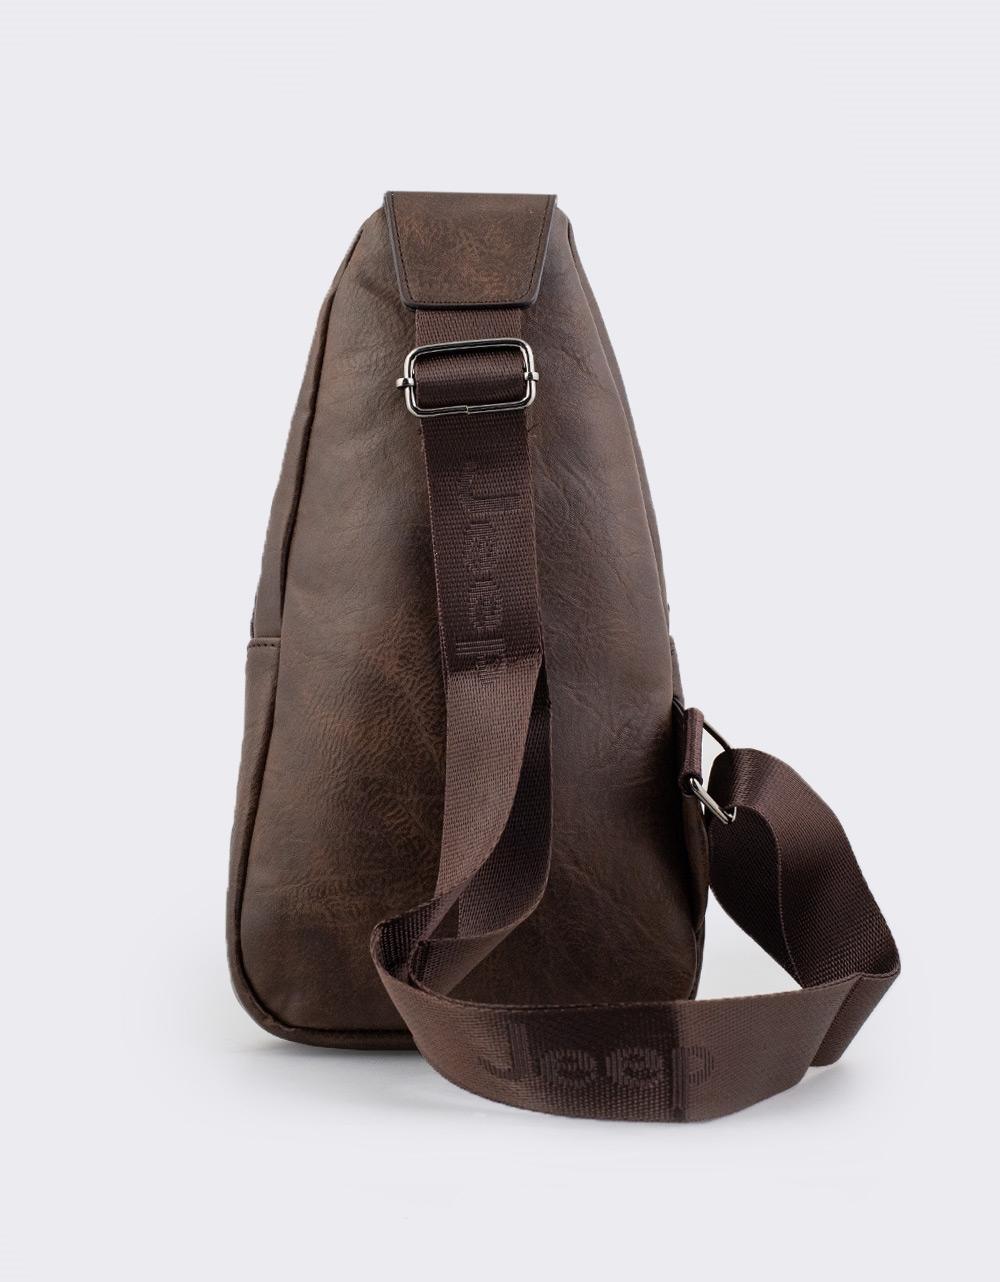 Εικόνα από Ανδρικές τσάντες ώμου χιαστί με εξωτερική θήκη Καφέ